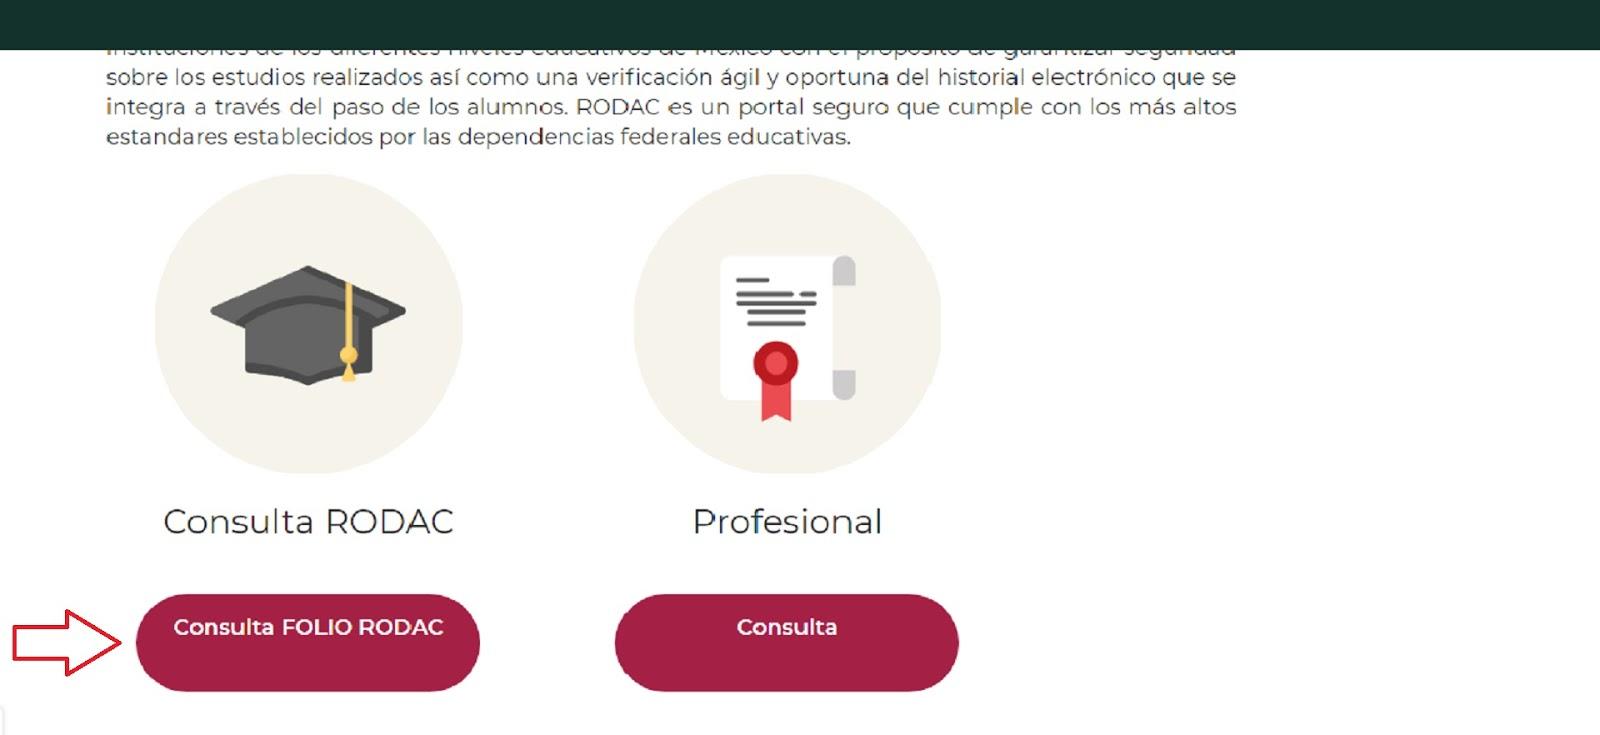 ¿Cómo Puedo Checar La Validez De Un Certificado De Bachillerato?